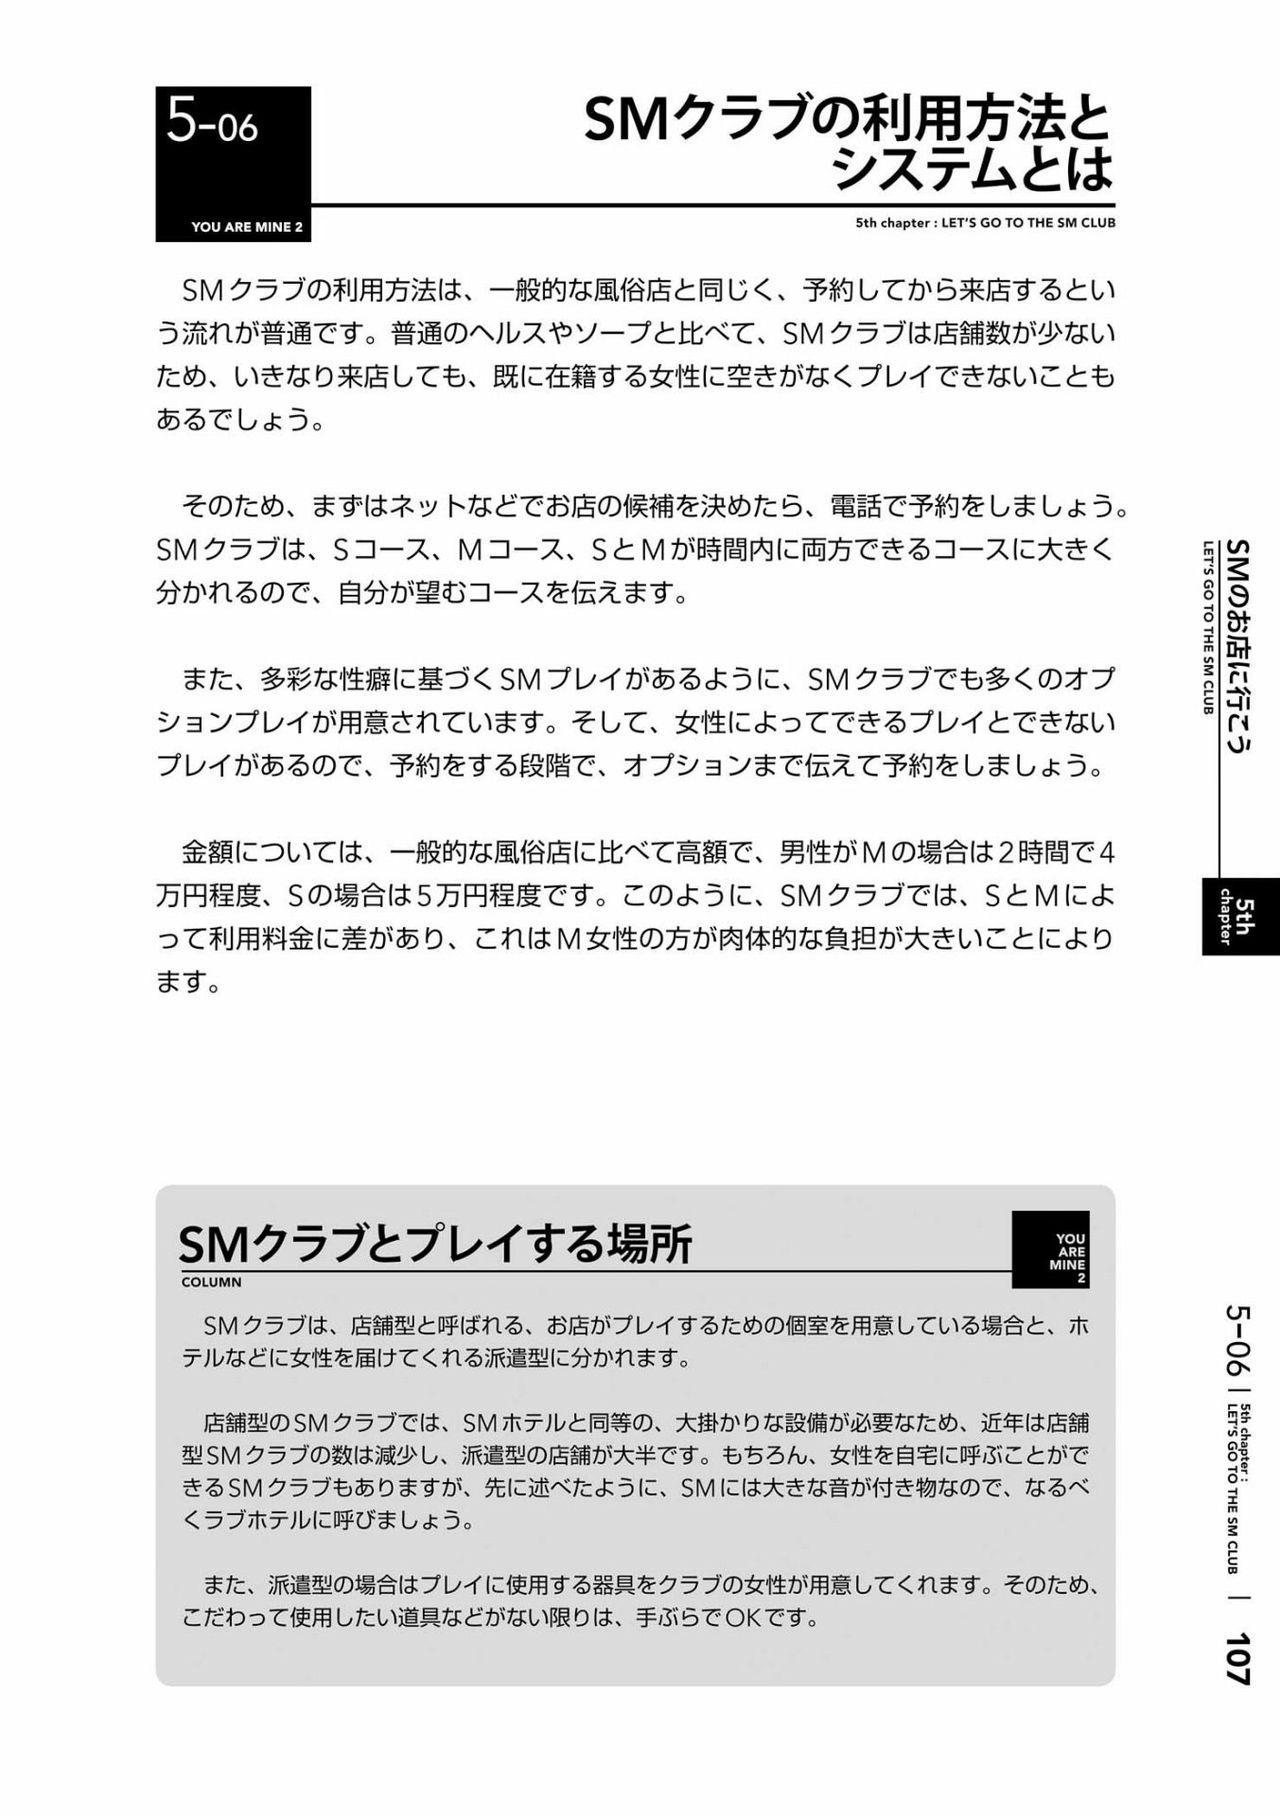 [Mitsuba] Karada mo Kokoro mo Boku no Mono ~Hajimete no SM Guide~ 2 [Digital] 109